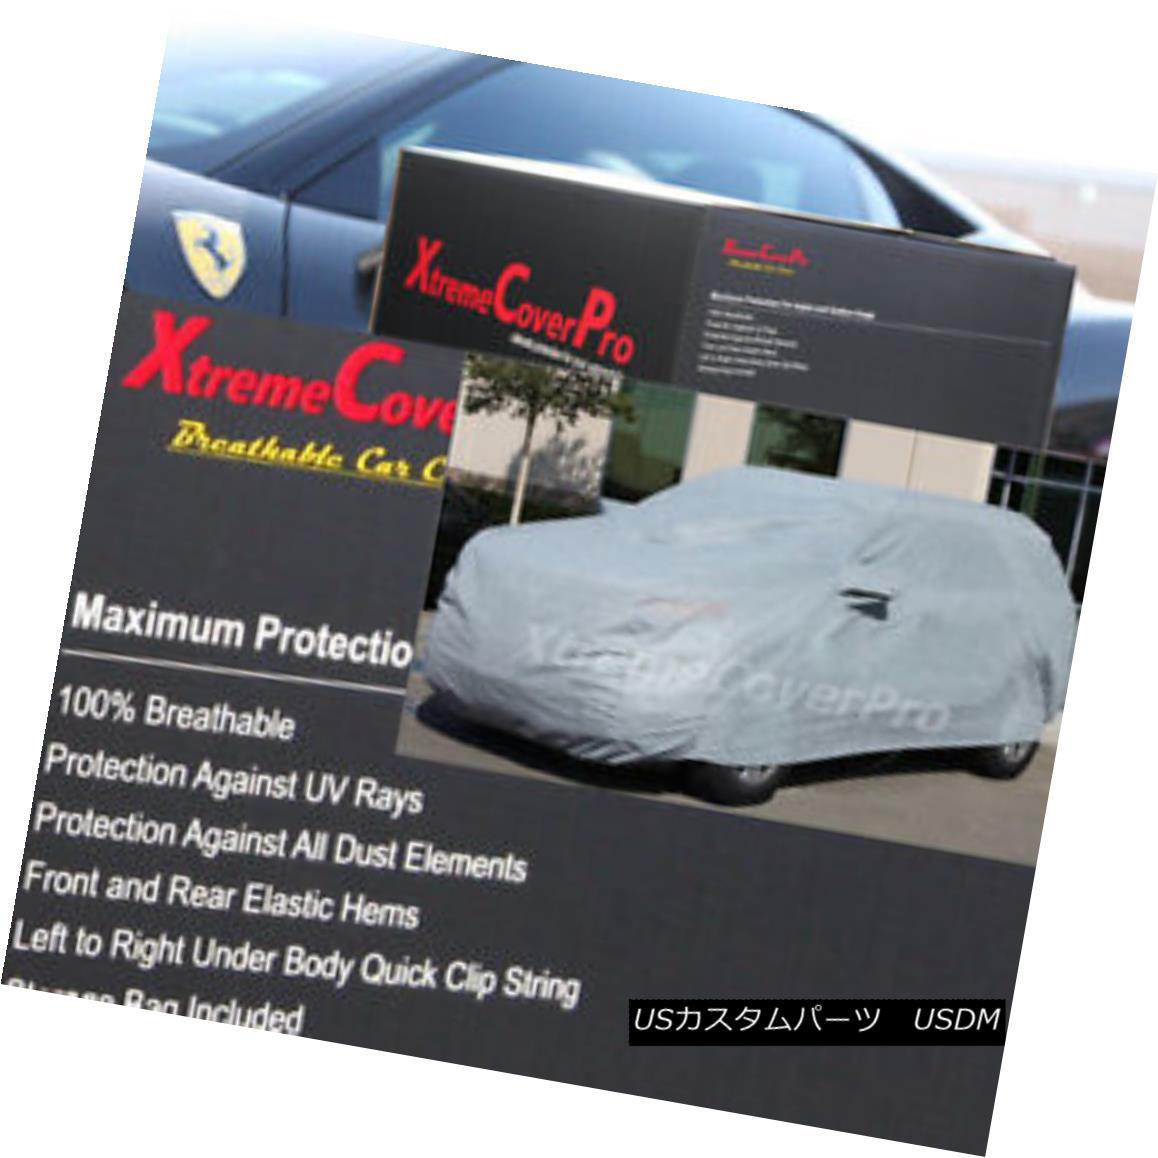 カーカバー 2015 BMW X5 X5M Breathable Car Cover w/Mirror Pockets - Gray 2015 BMW X5 X5M通気性車カバー付き/ミラーポケット - グレー